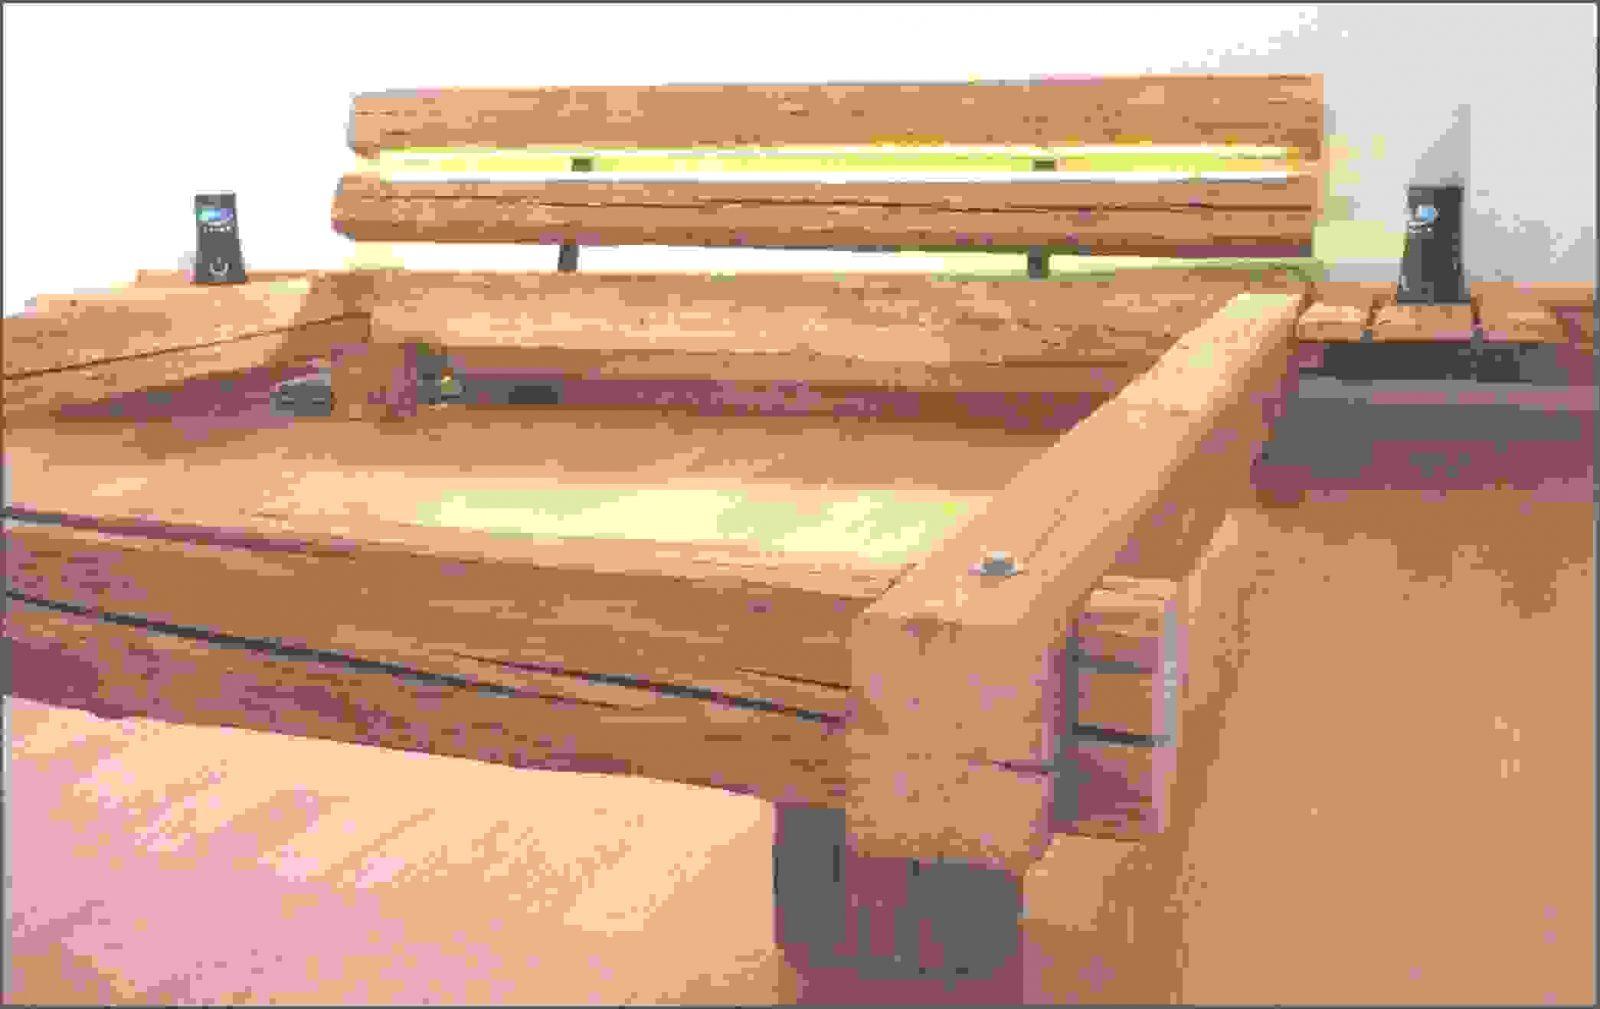 Verwunderlich Betten Selbst Bauen Plattform Bett Selber Bauen Von von Rustikales Bett Selber Bauen Bild